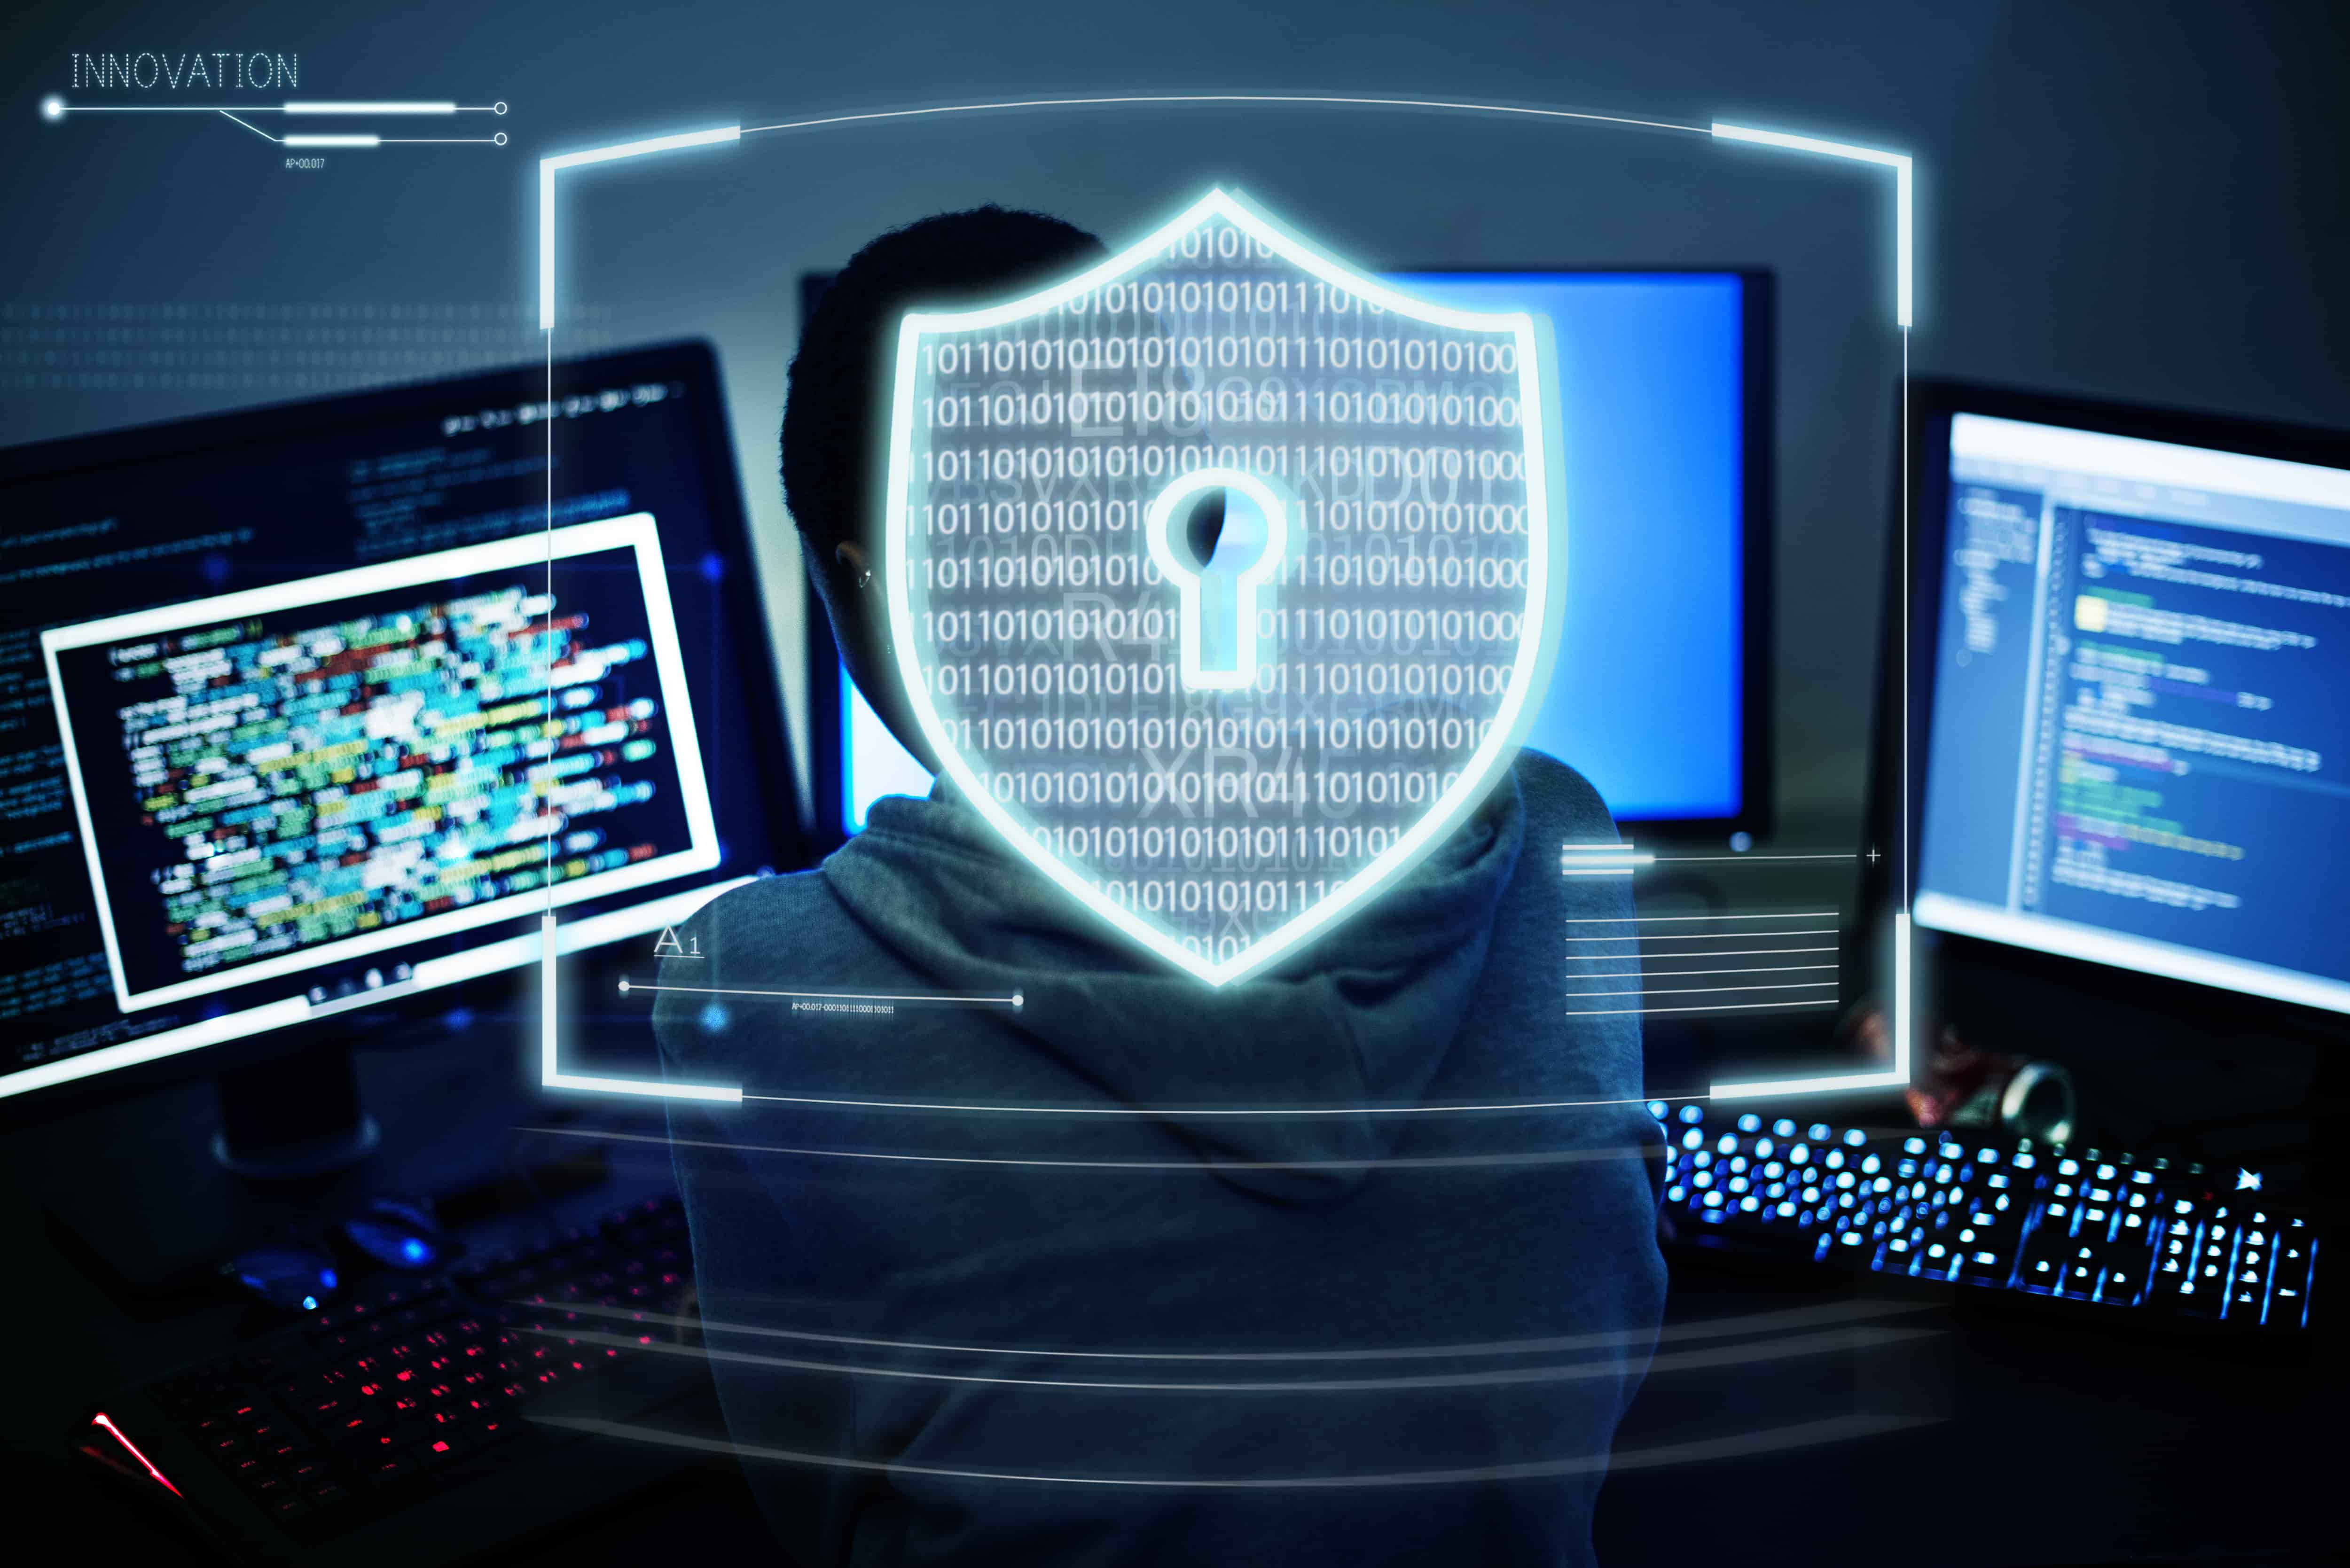 Imagem de uma pessoa analisando dados na tela do computador e ao centro imagem vetorizada de um escudo